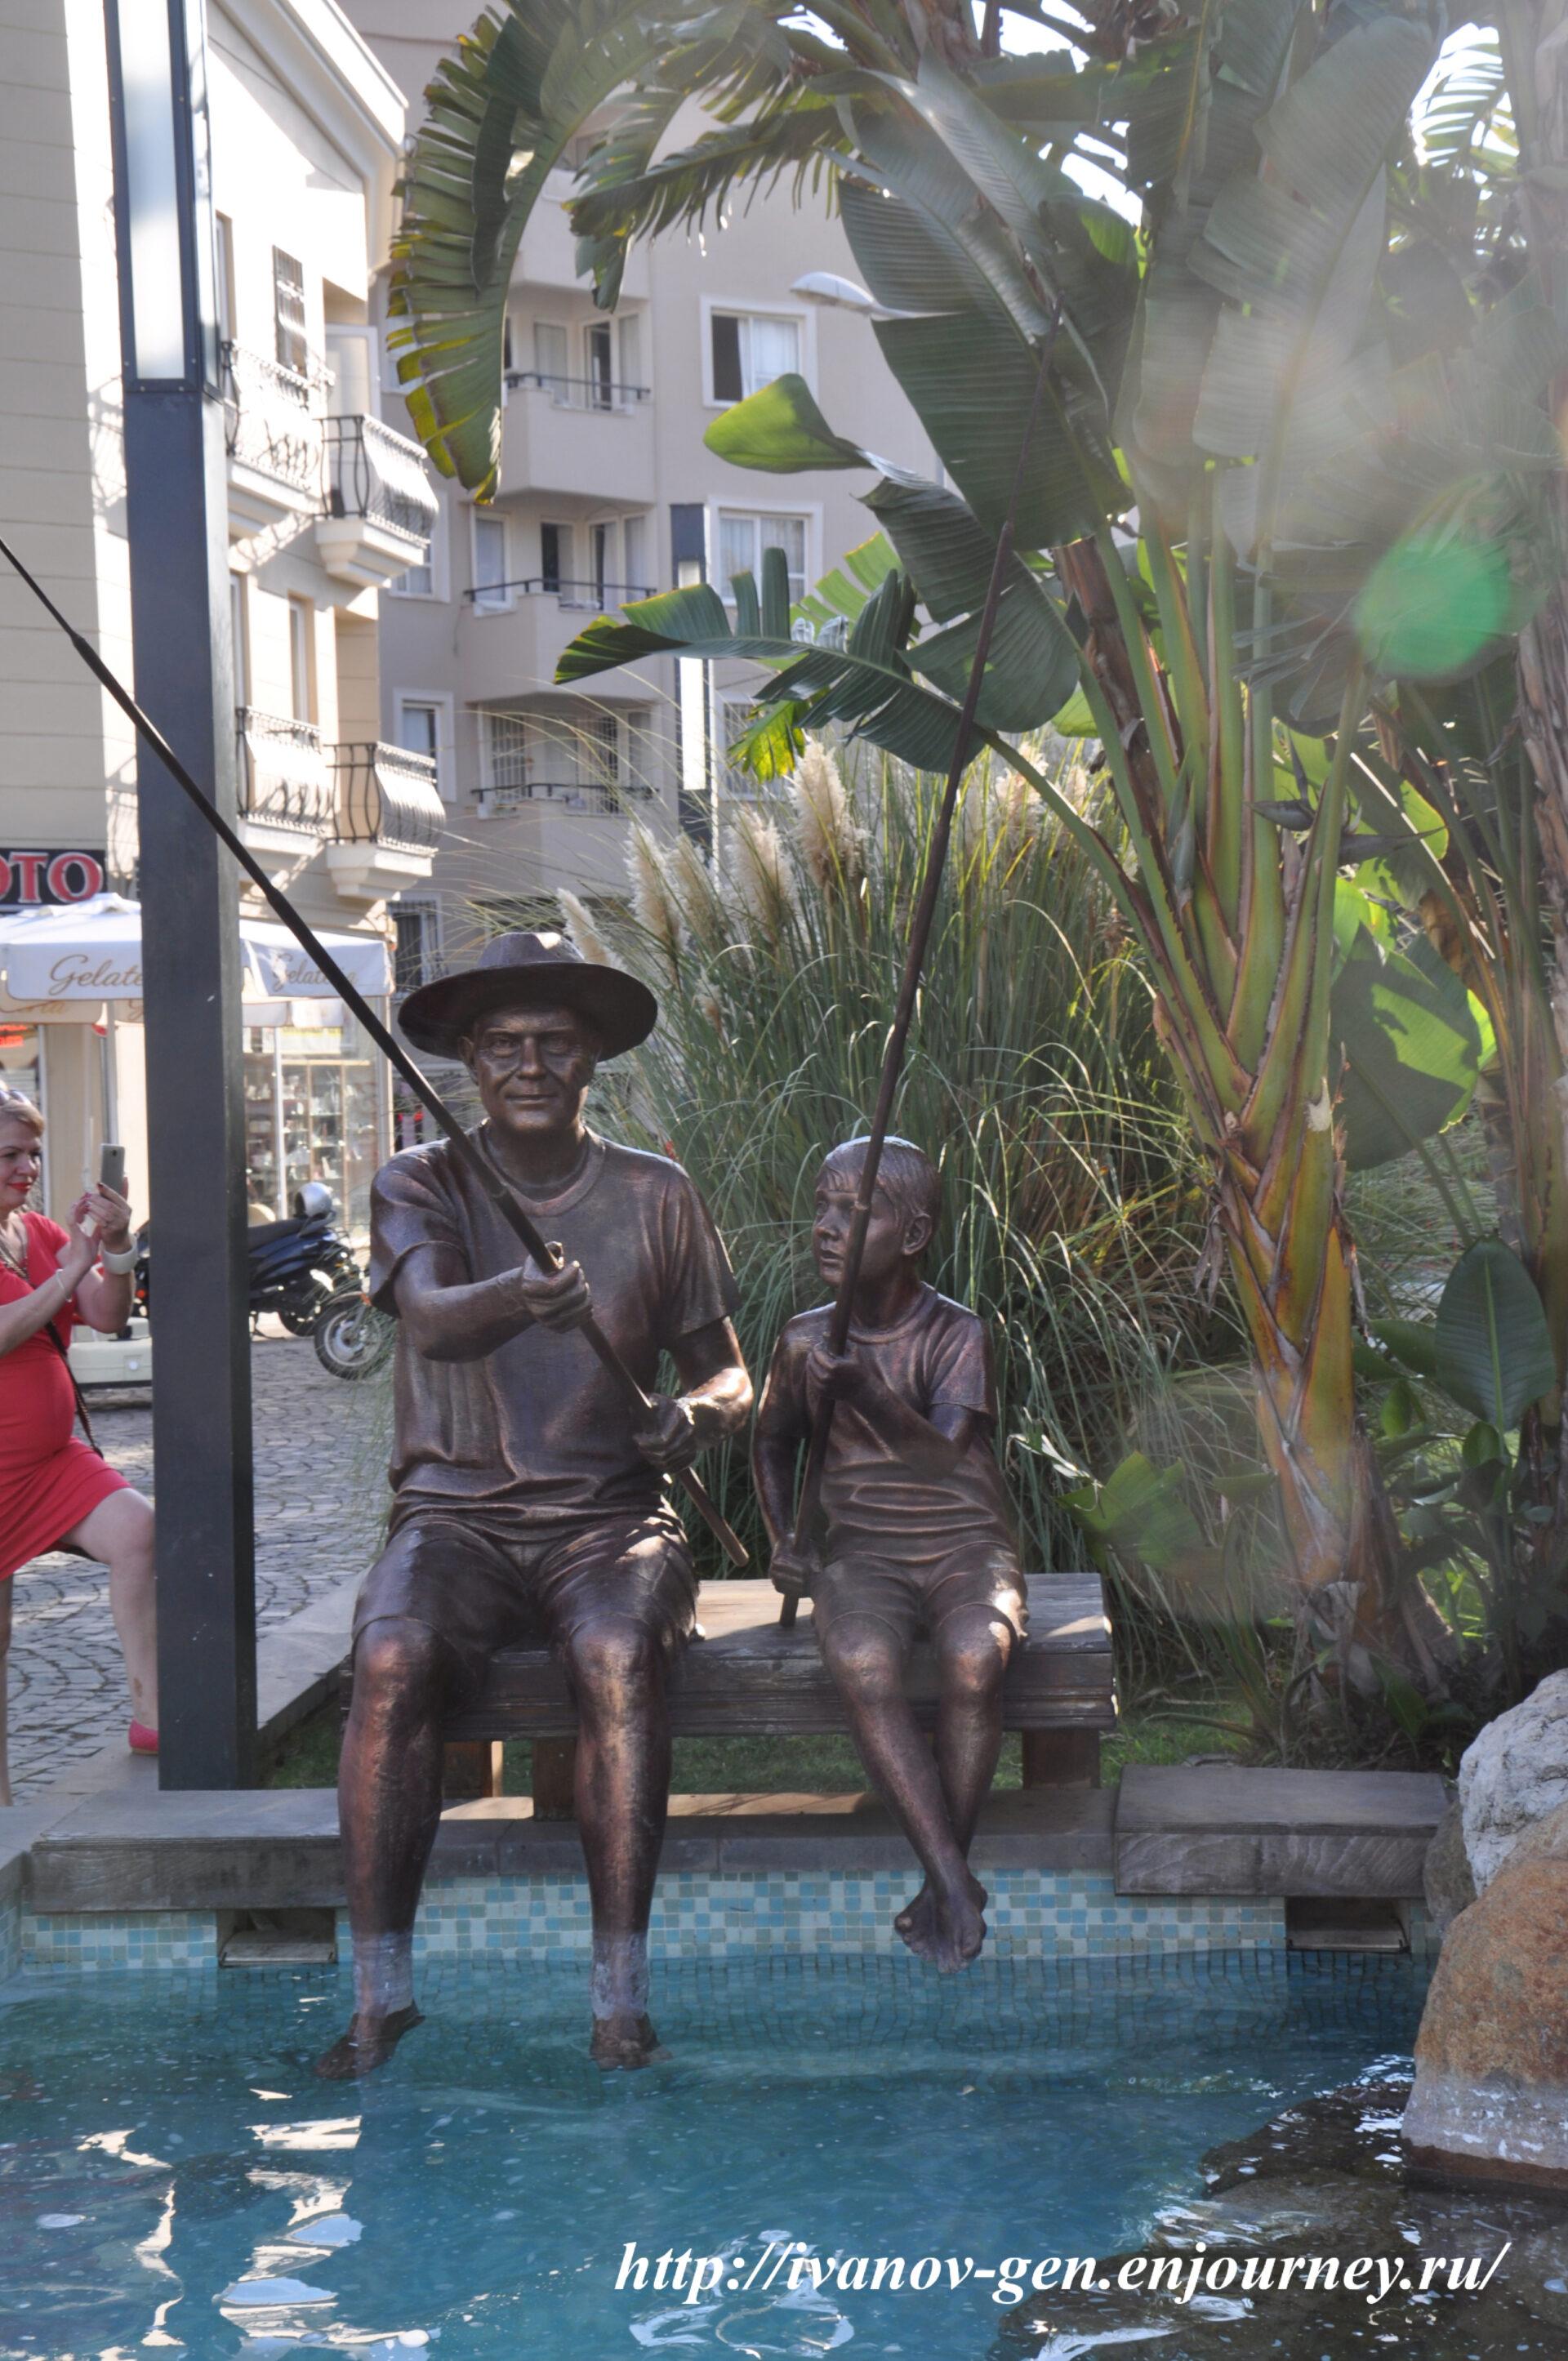 Турецкие каникулы или арт-объекты туристического Мармариса